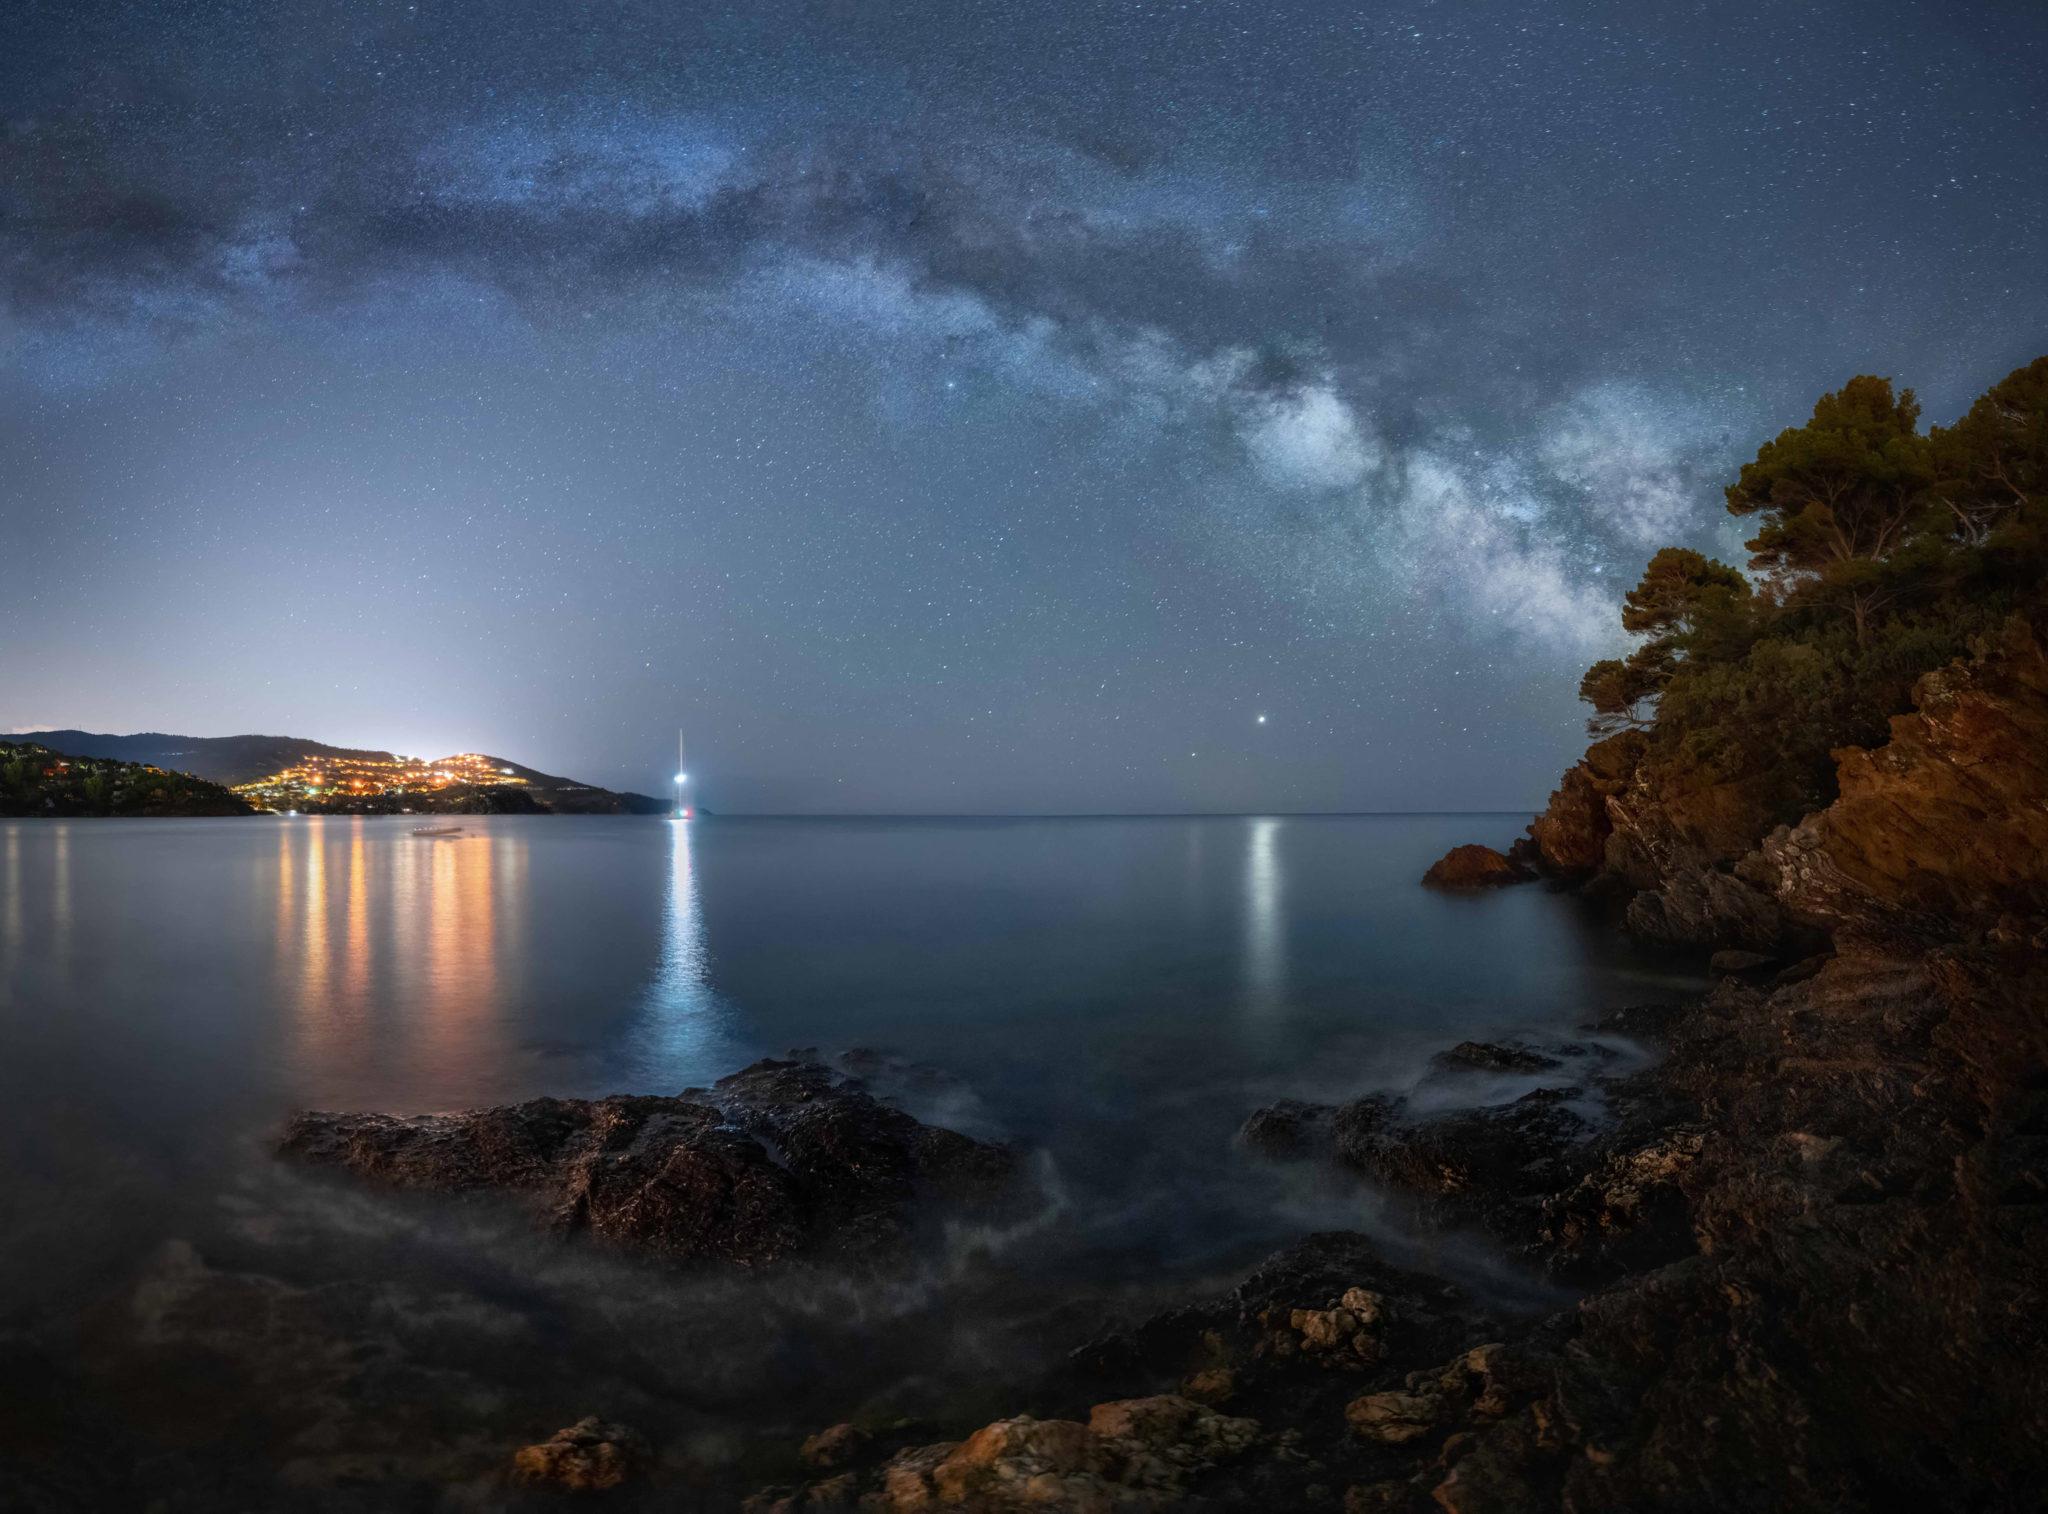 """Astrophotographie Rayol France - Image illustrant l'article """"Astrophotographie : comment photographier les étoiles ?"""" - Apprendre la photo avec le blog La Photo clic par clic"""